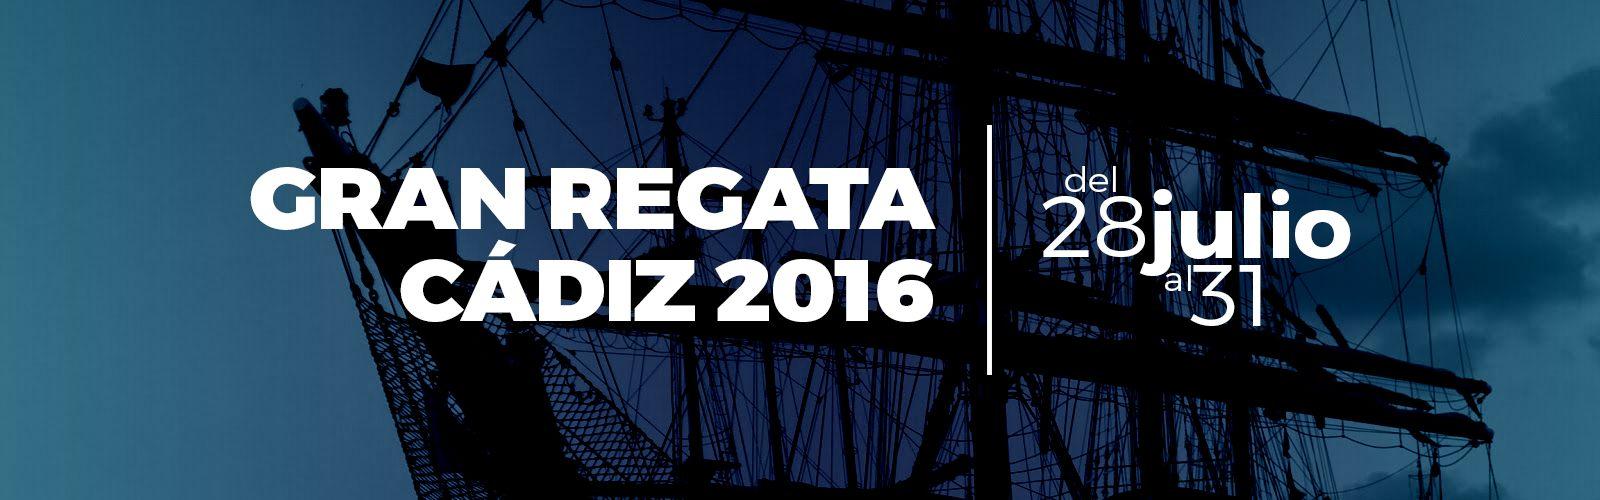 REGATA VELEROS 2016 Cádiz